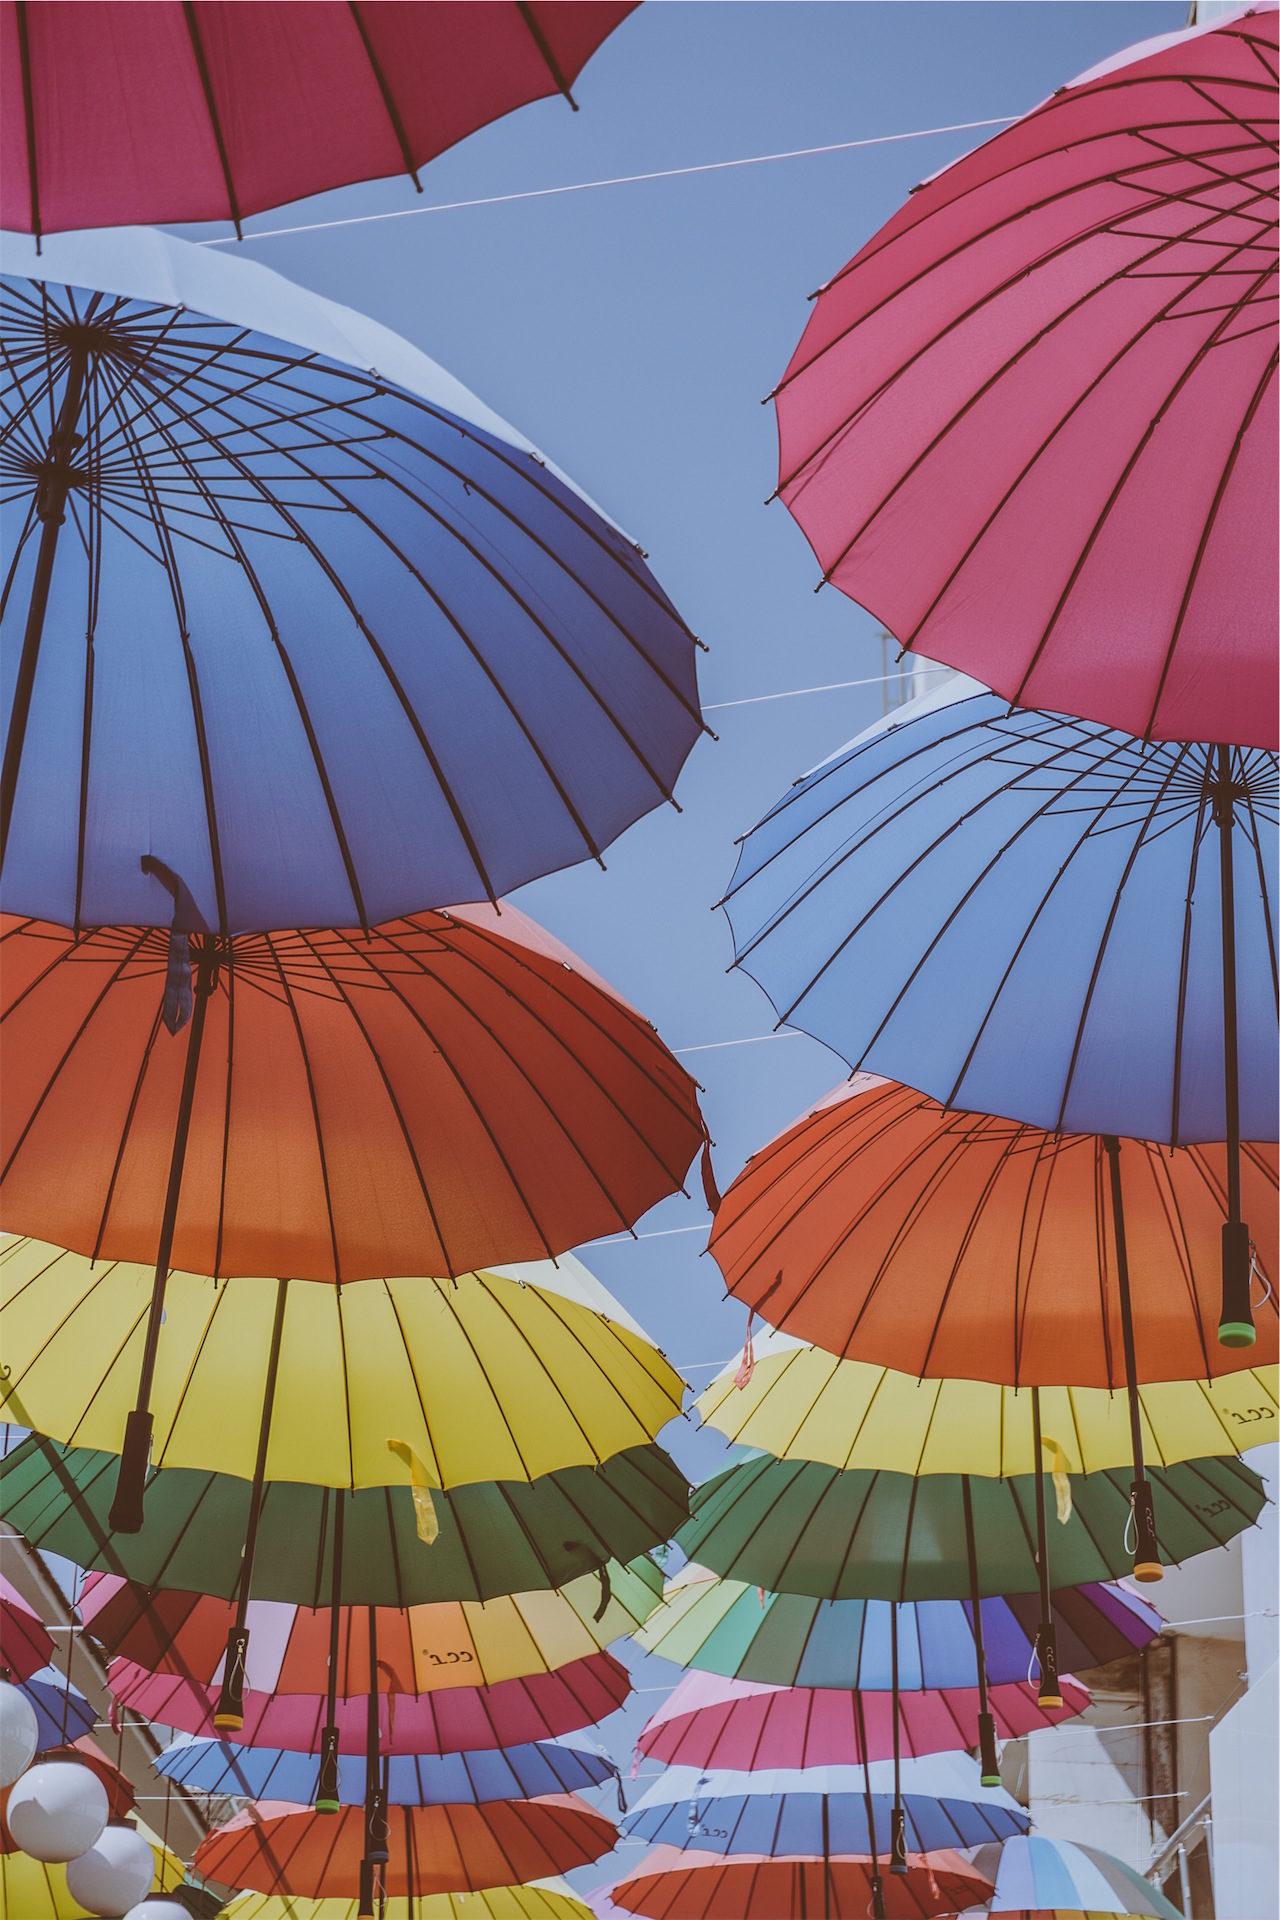 ομπρέλα, πολύχρωμο, που φέρουν, Κρεμασμένα, στολίδια - Wallpapers HD - Professor-falken.com